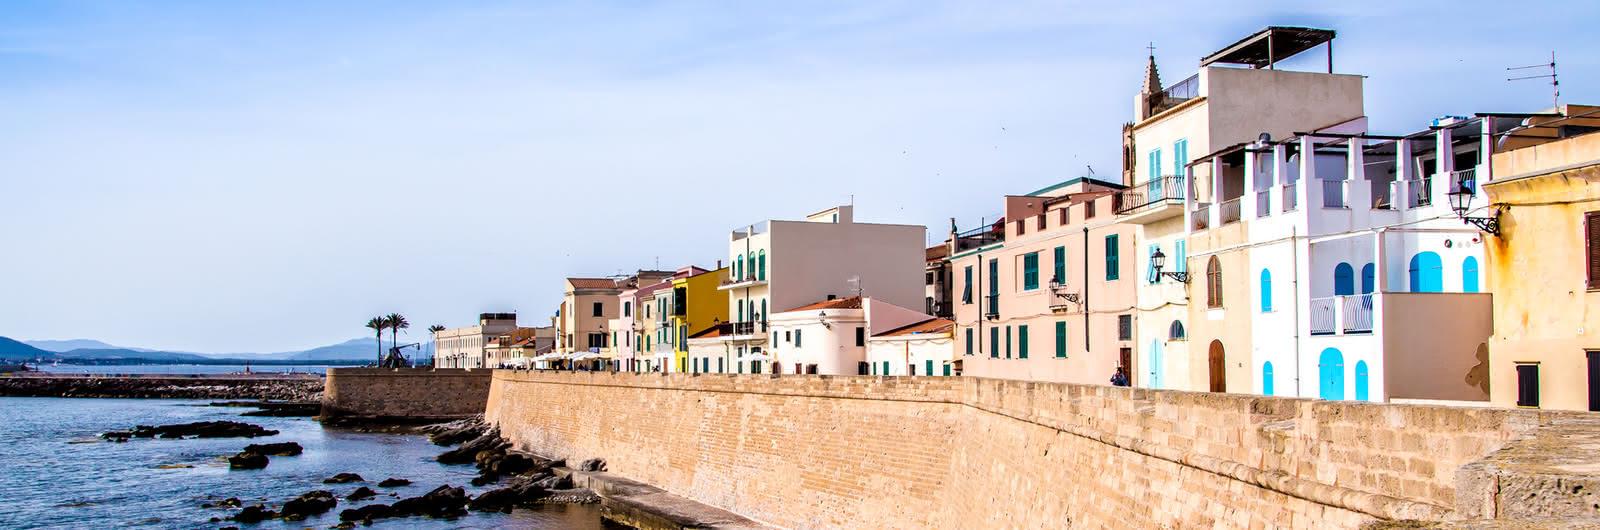 alghero city header